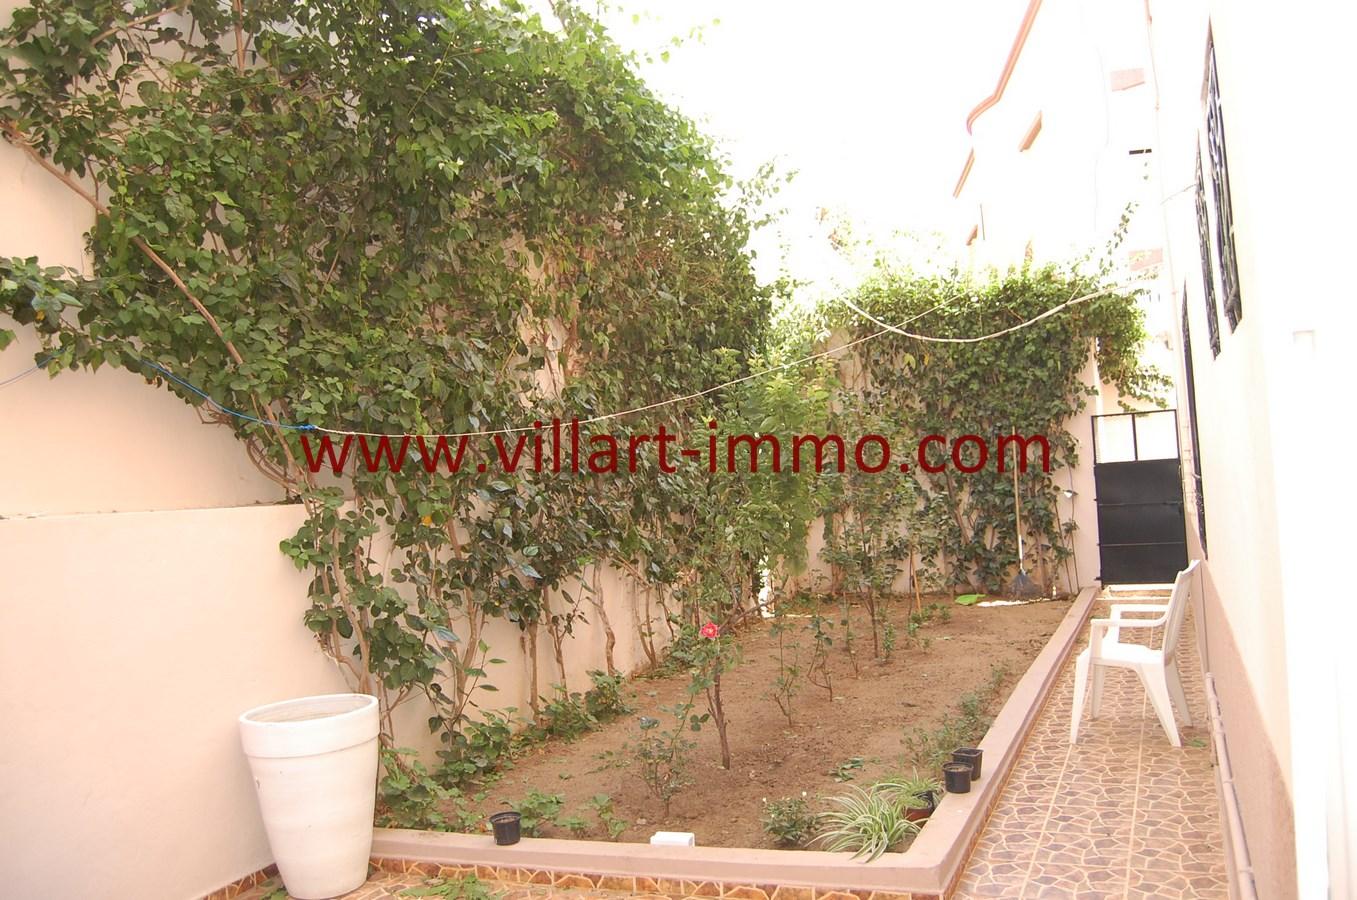 14-Vente-Villa-Tanger-Mojahidin-Jardin 3-VV503-Villart Immo